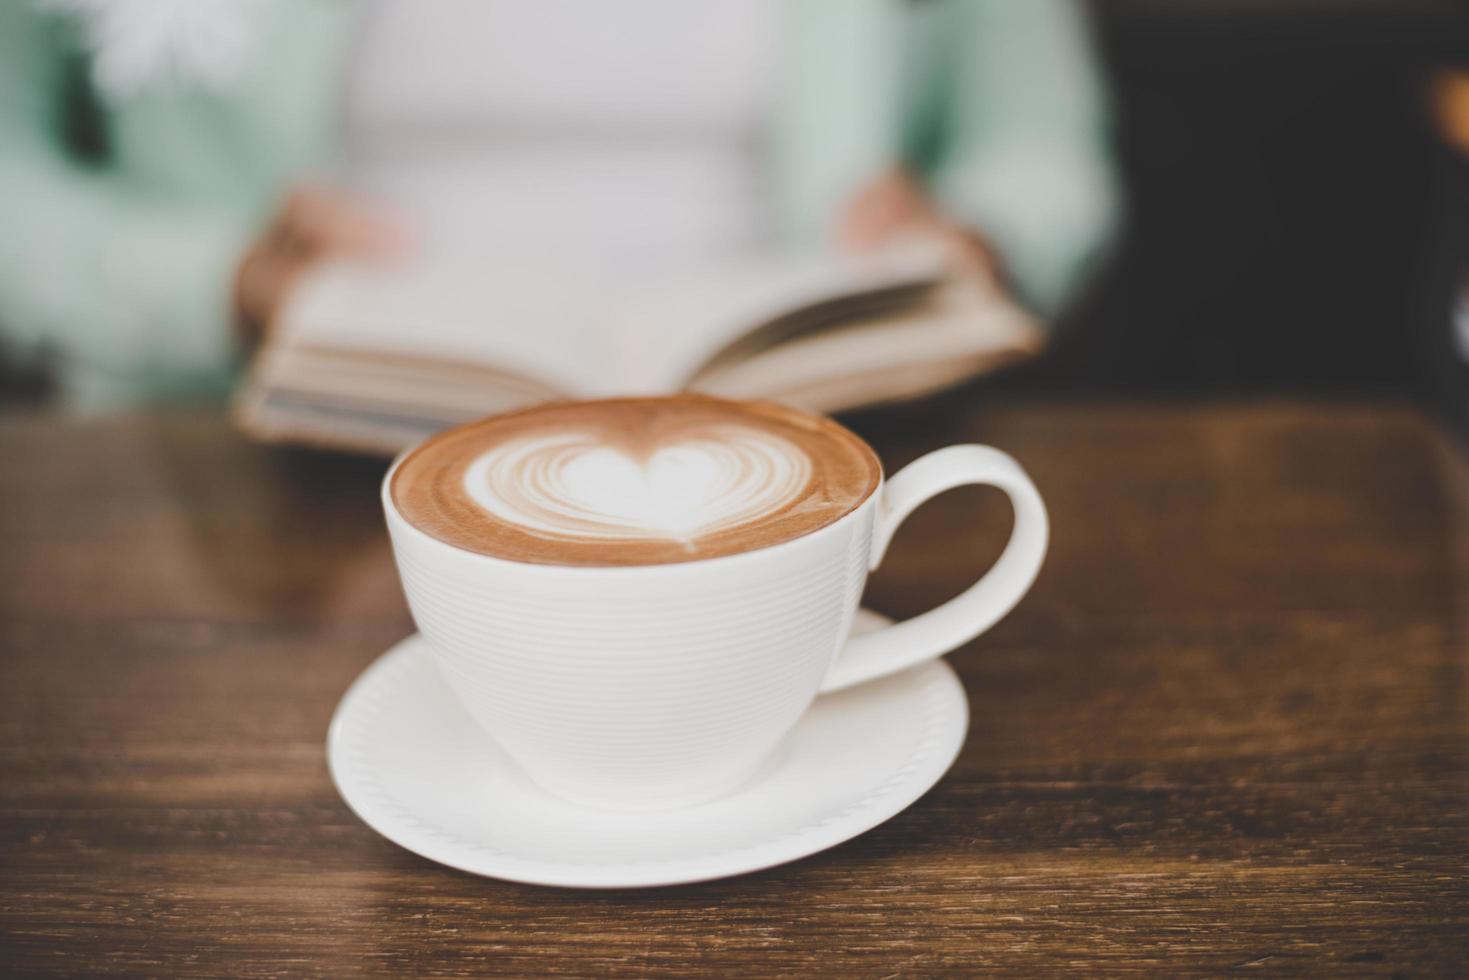 Homme flou lisant et prenant un café dans un café photo